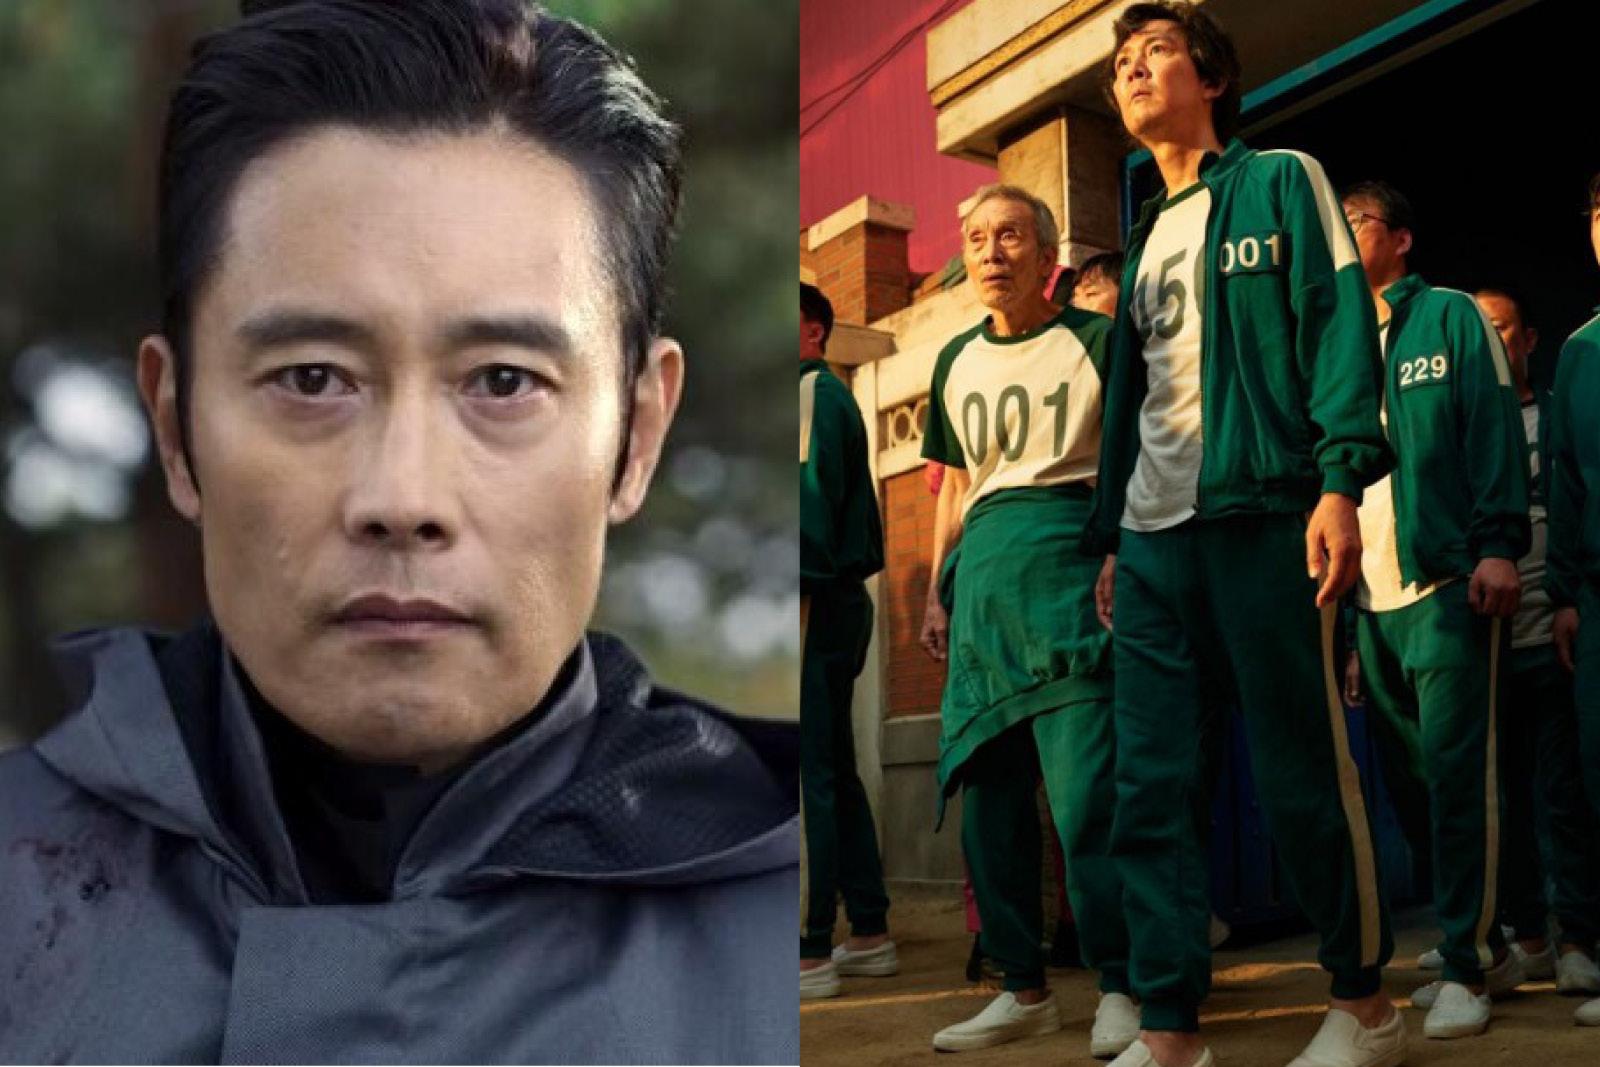 《魷魚遊戲》 導演親解李政宰、老伯父子謎團  李秉憲第二季變重要角色